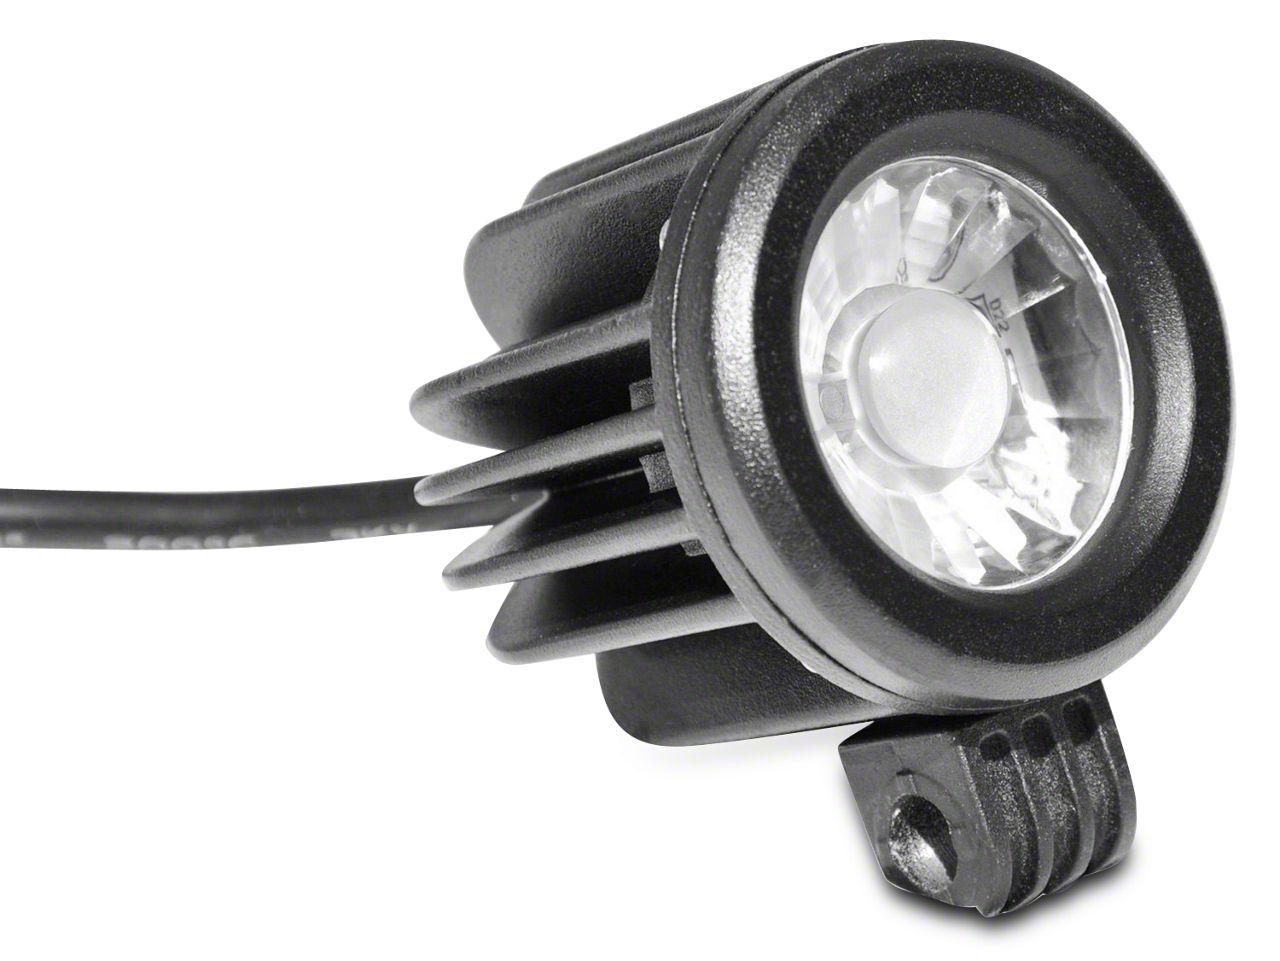 DV8 Off-Road 2 in. Round LED Light - Spot Beam